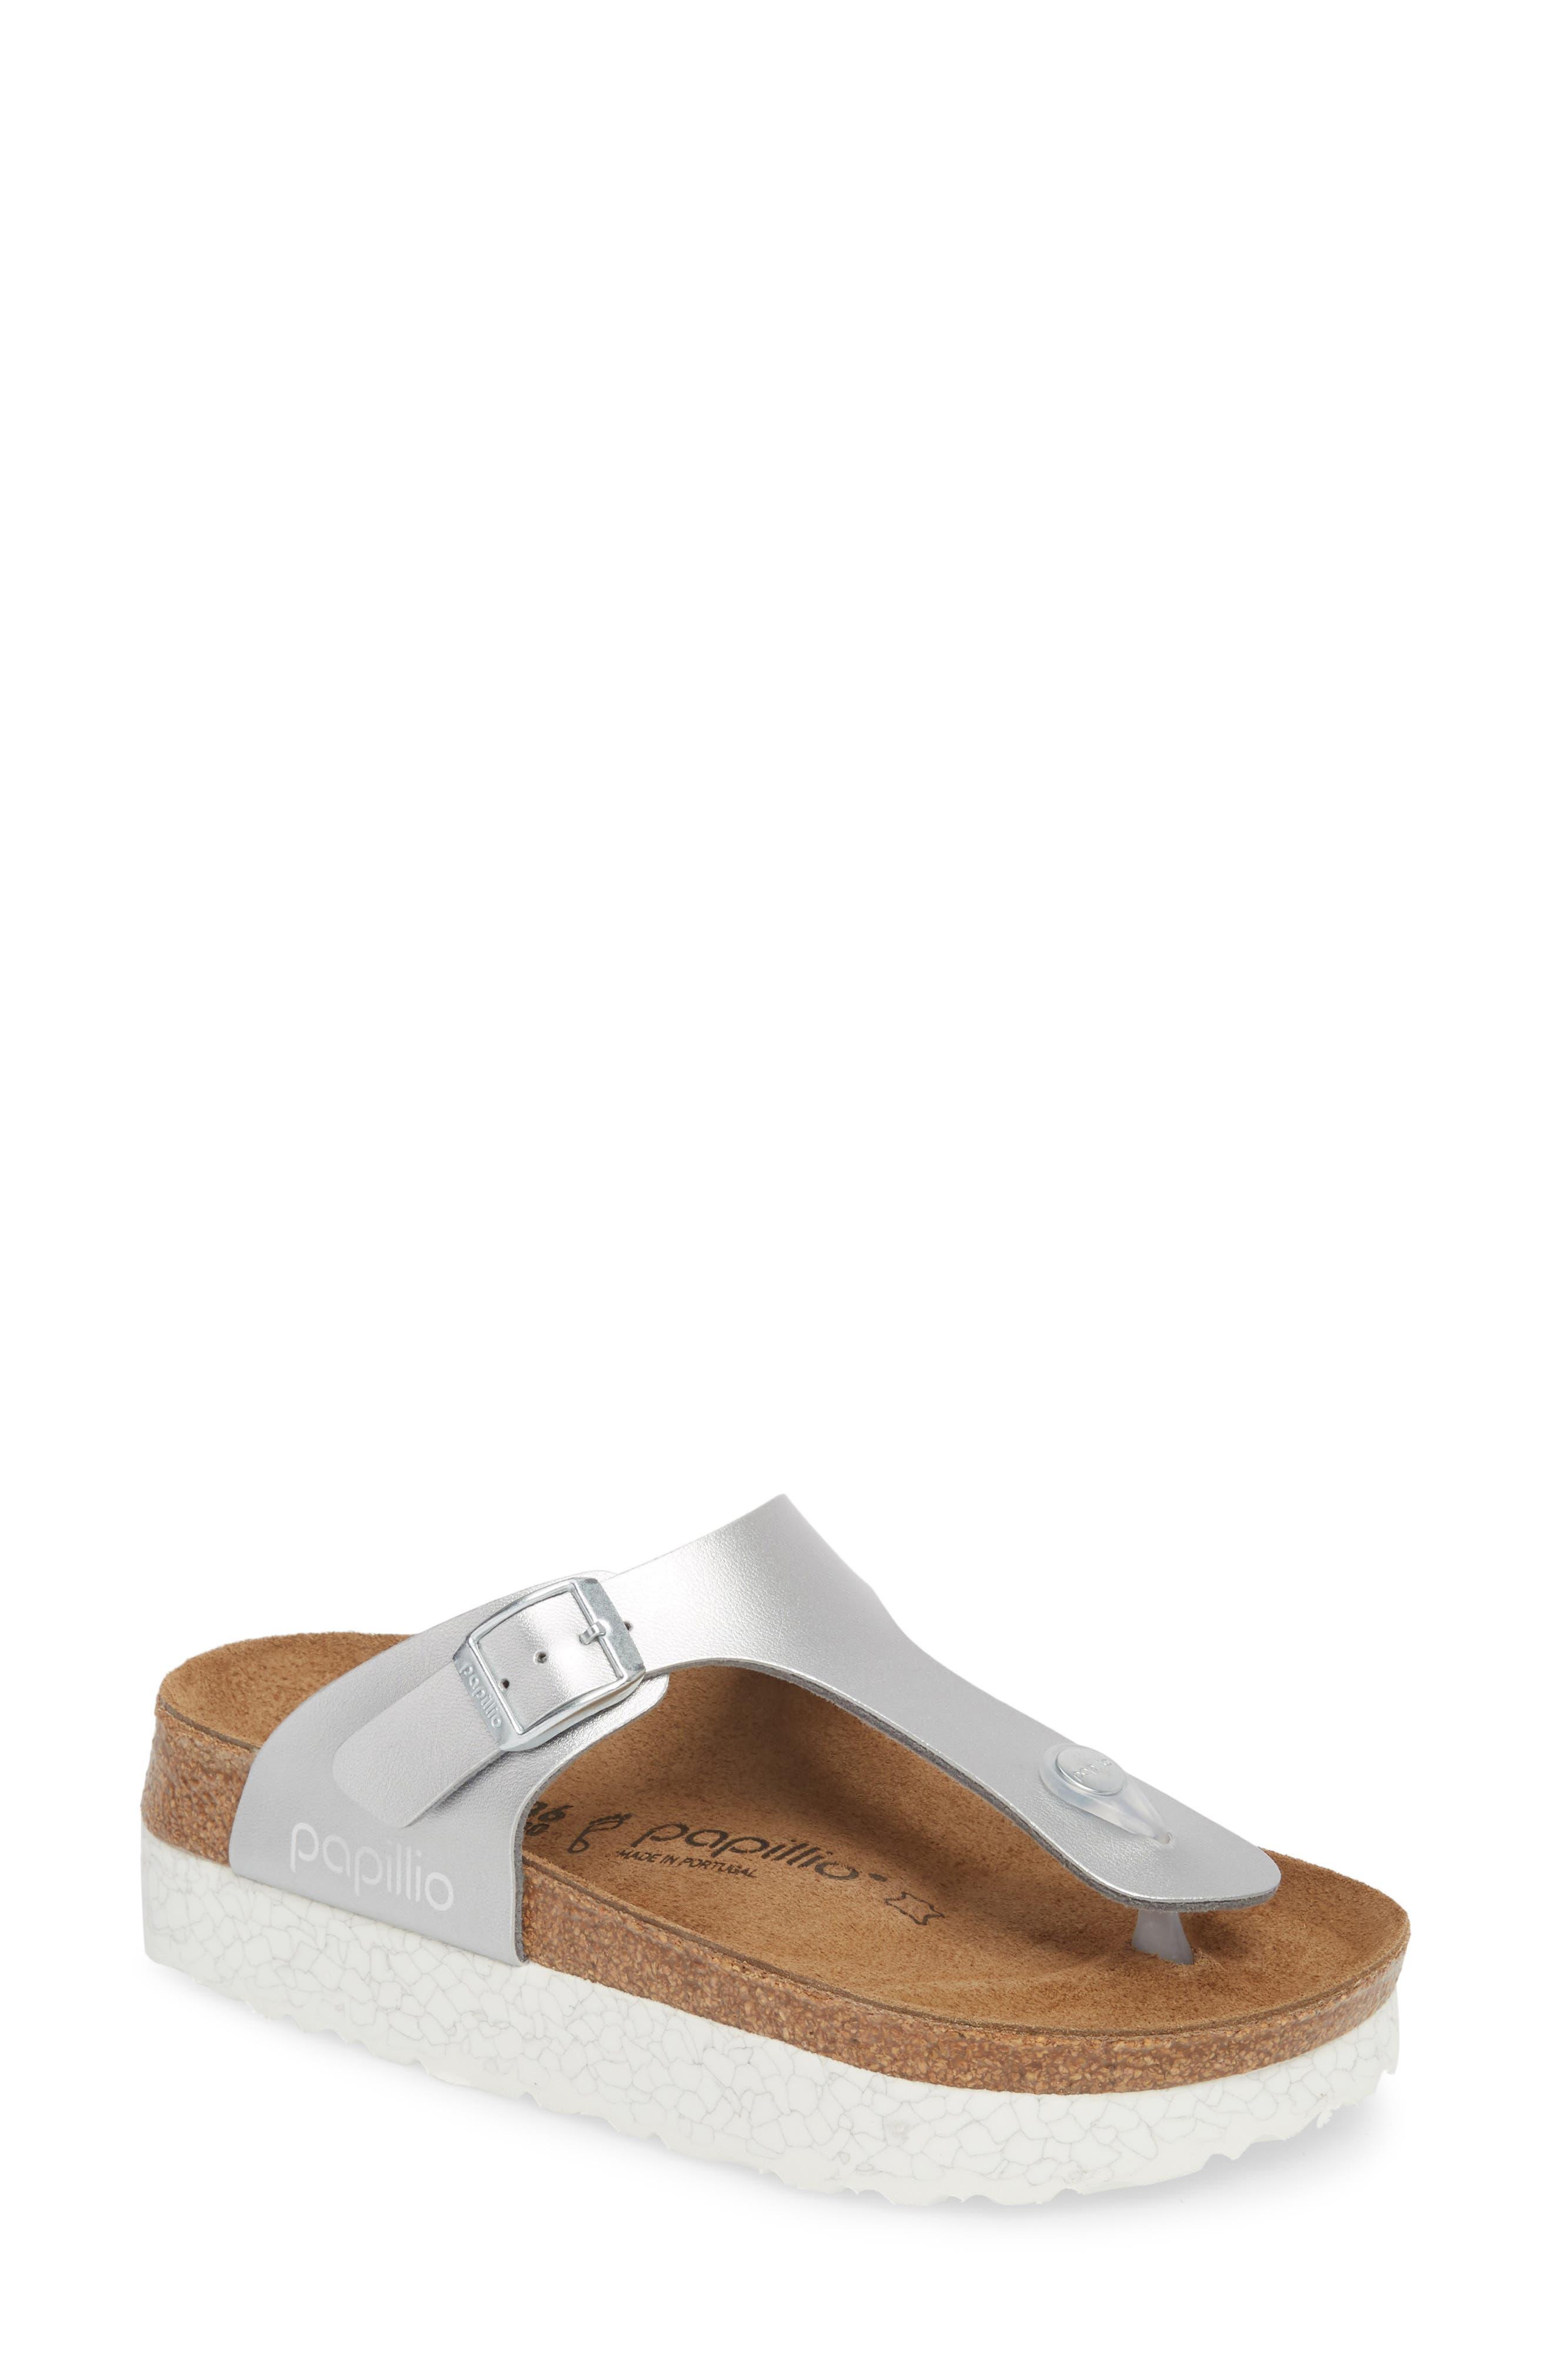 Papillio by Birkenstock 'Gizeh' Birko-Flor Platform Flip Flop Sandal,                         Main,                         color, 150